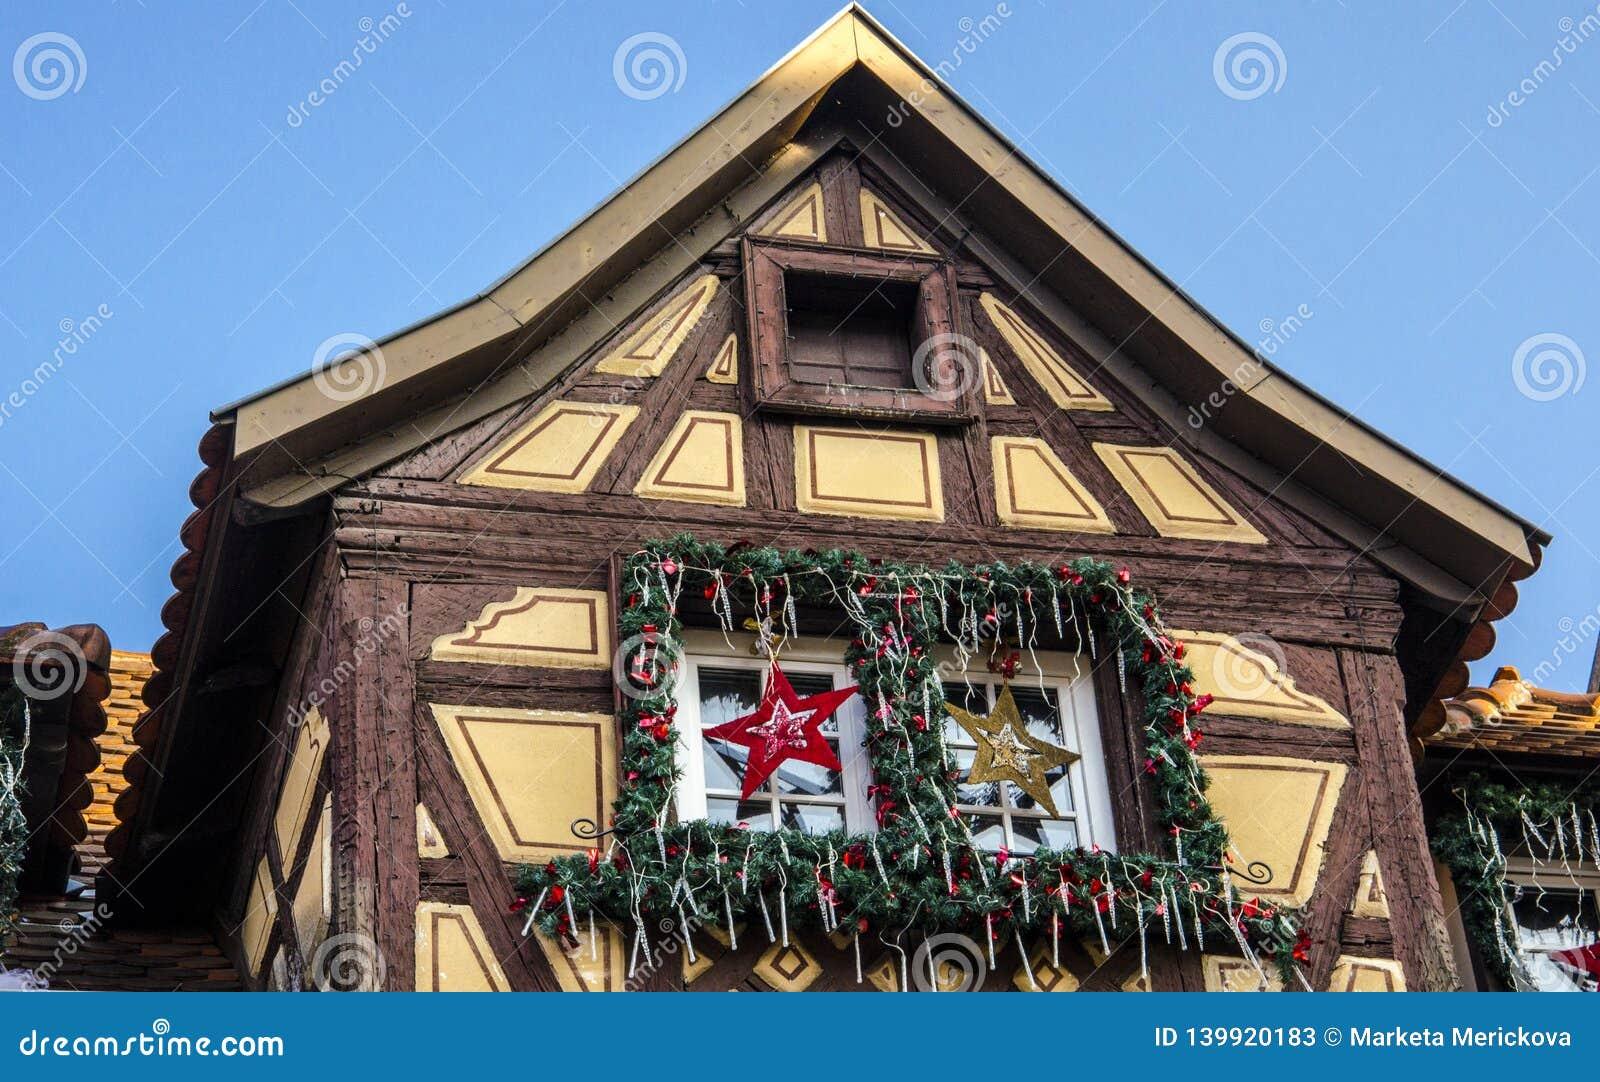 Maison en bois traditionnelle en Alsace avec des décorations de Noël